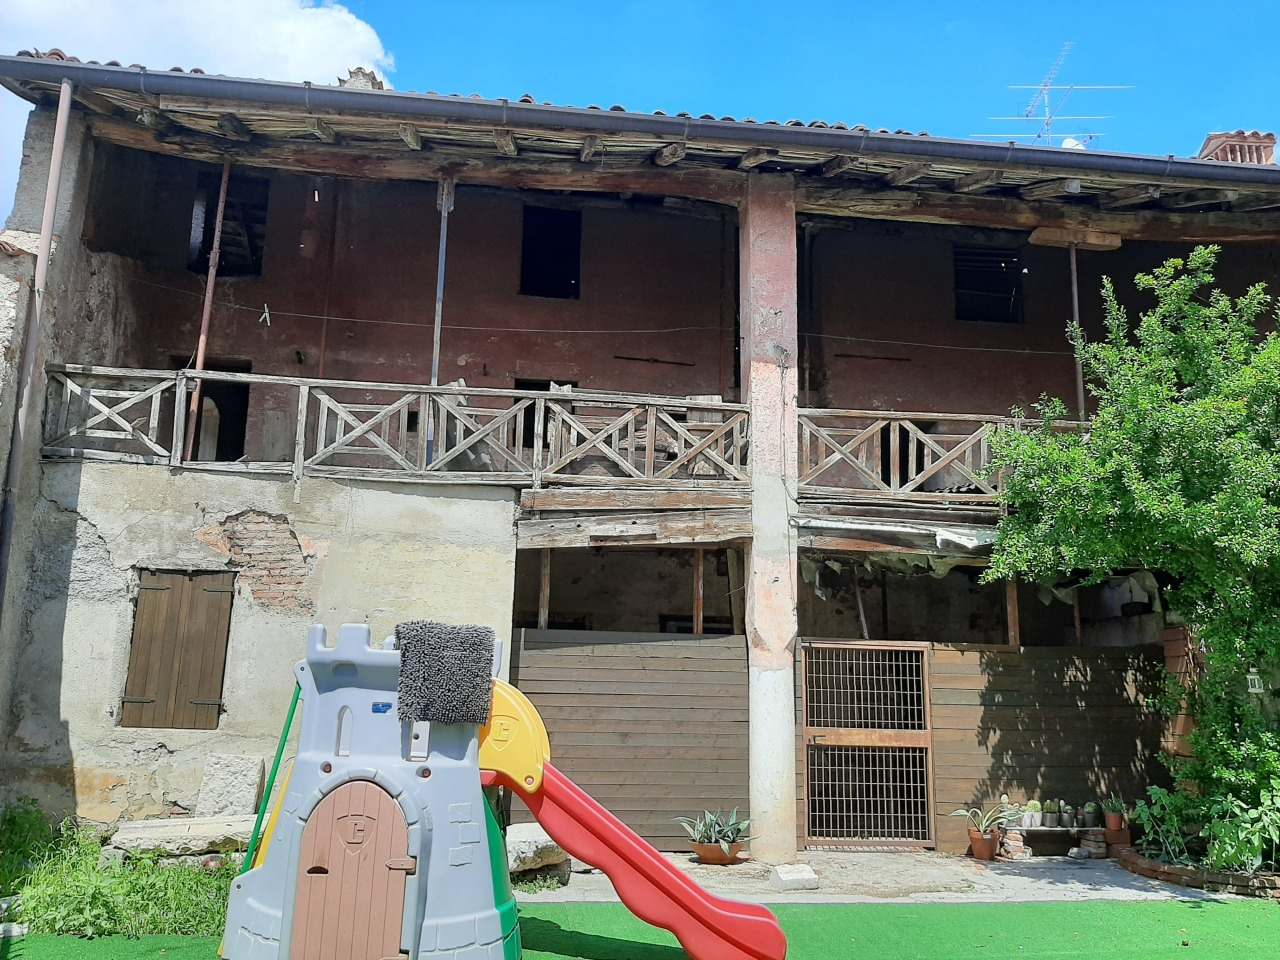 Rustico / Casale in vendita a Prevalle, 6 locali, prezzo € 59.000 | PortaleAgenzieImmobiliari.it